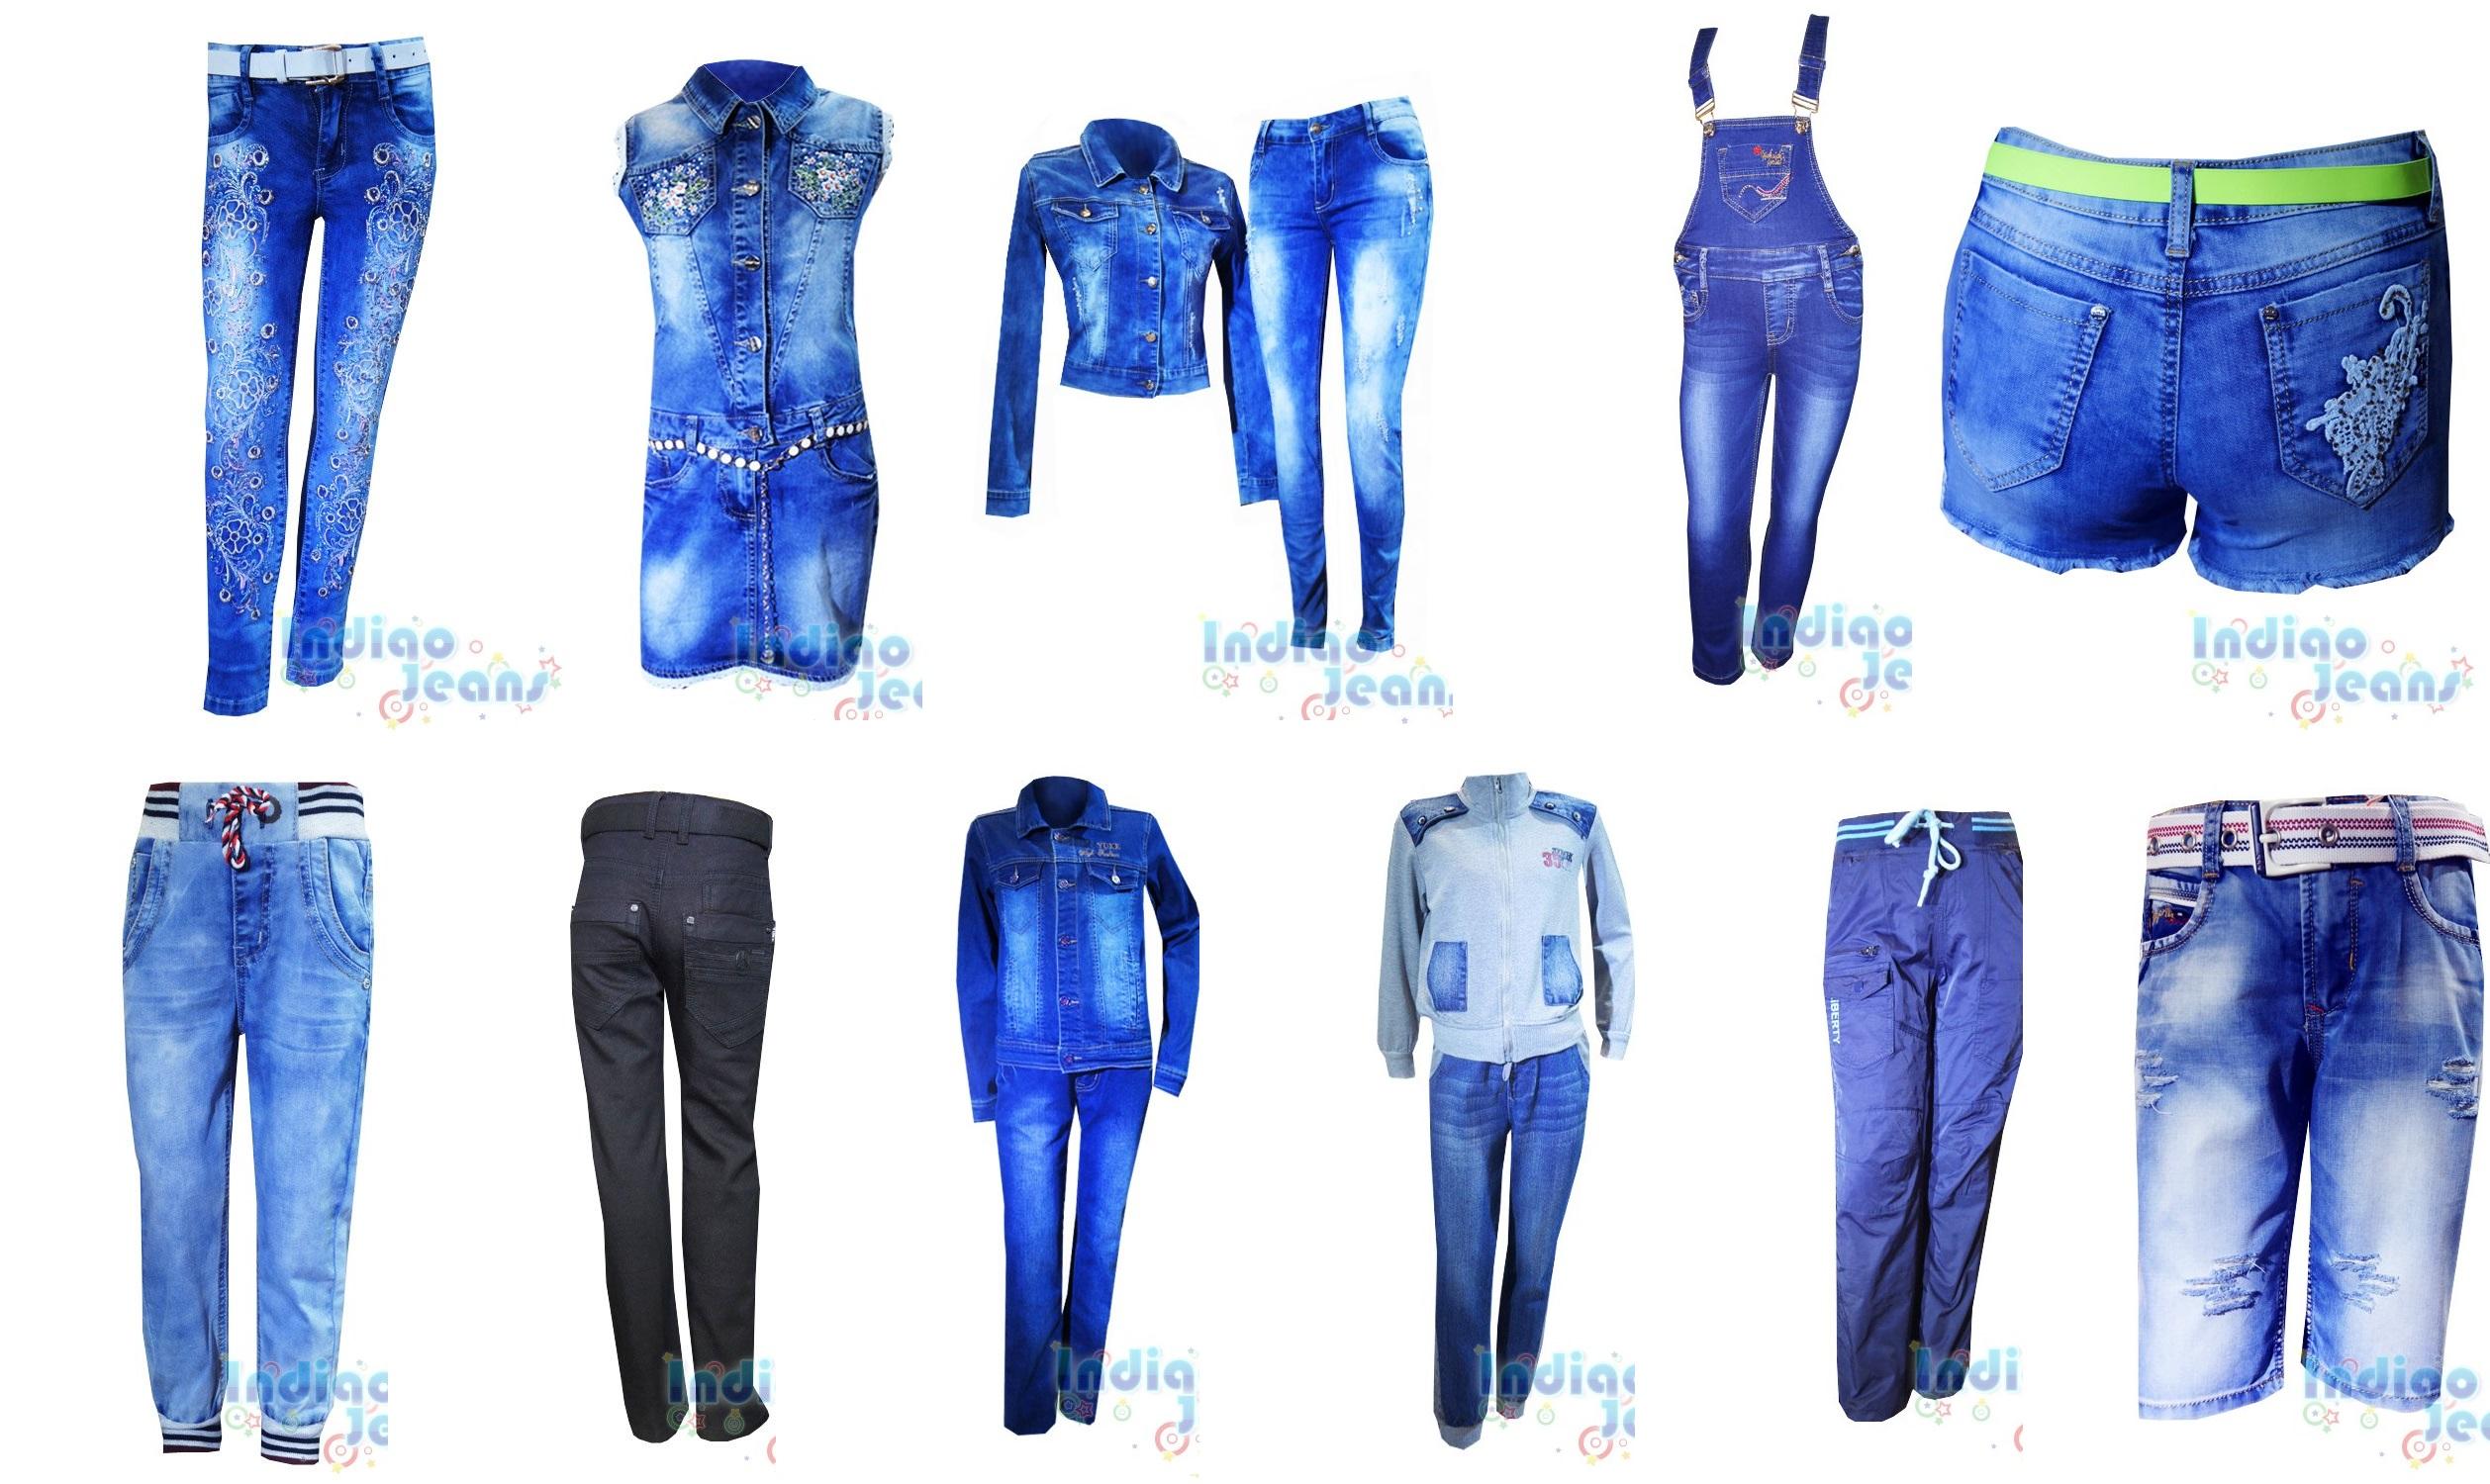 Джинсовый рай - 26! Оооогромный выбор джинсовой одежды и не только. От 74 до 176 р-ра. Без рядов!